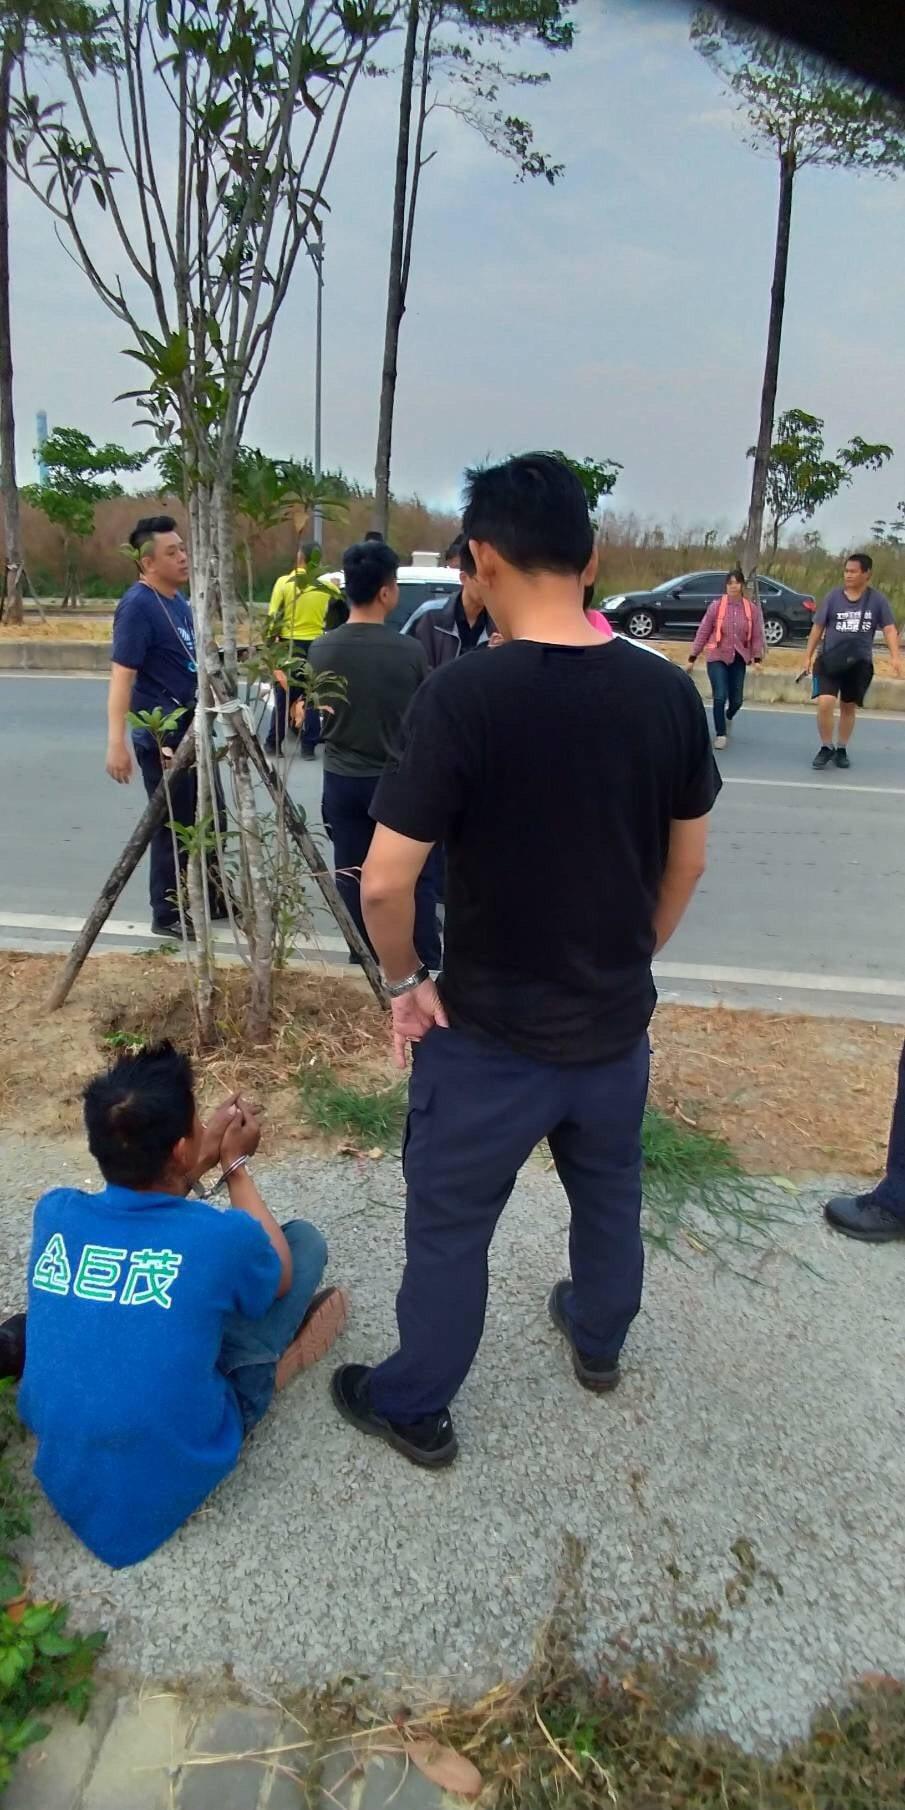 嘉義縣警方日前到馬稠後工業區,逮捕非法仲介阮女及4名逃逸移工。記者卜敏正/翻攝